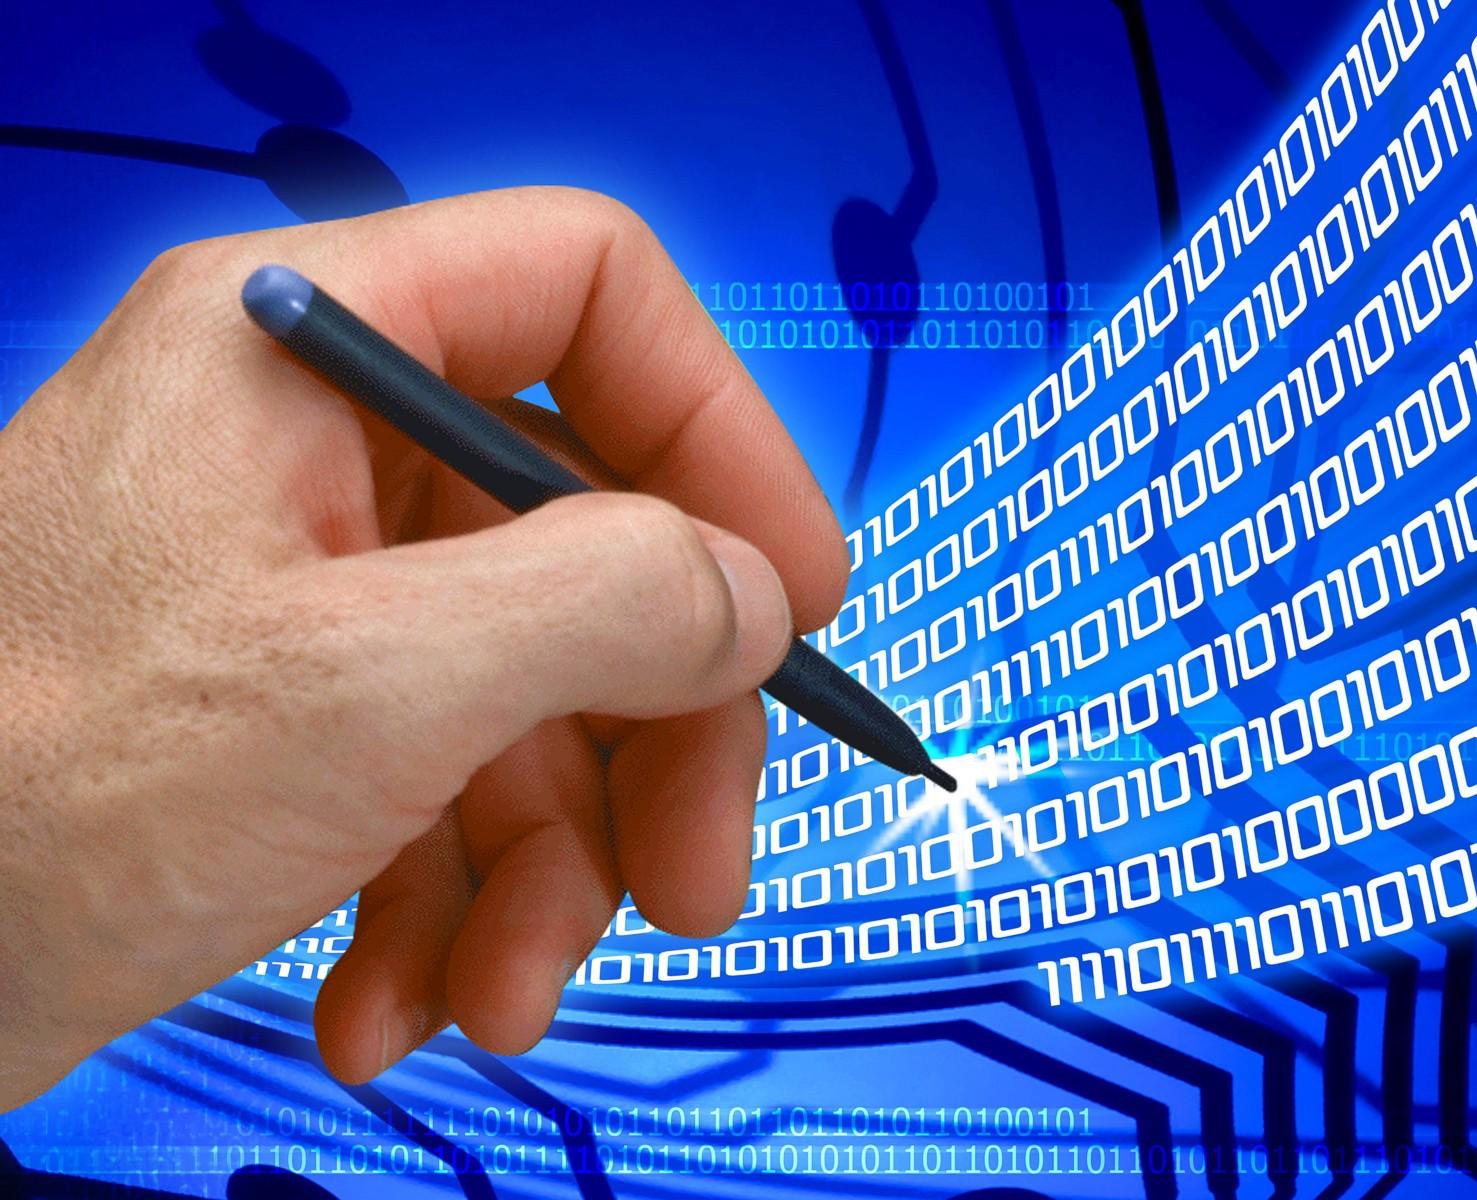 Электронная цифровая подпись: Просто и наглядно